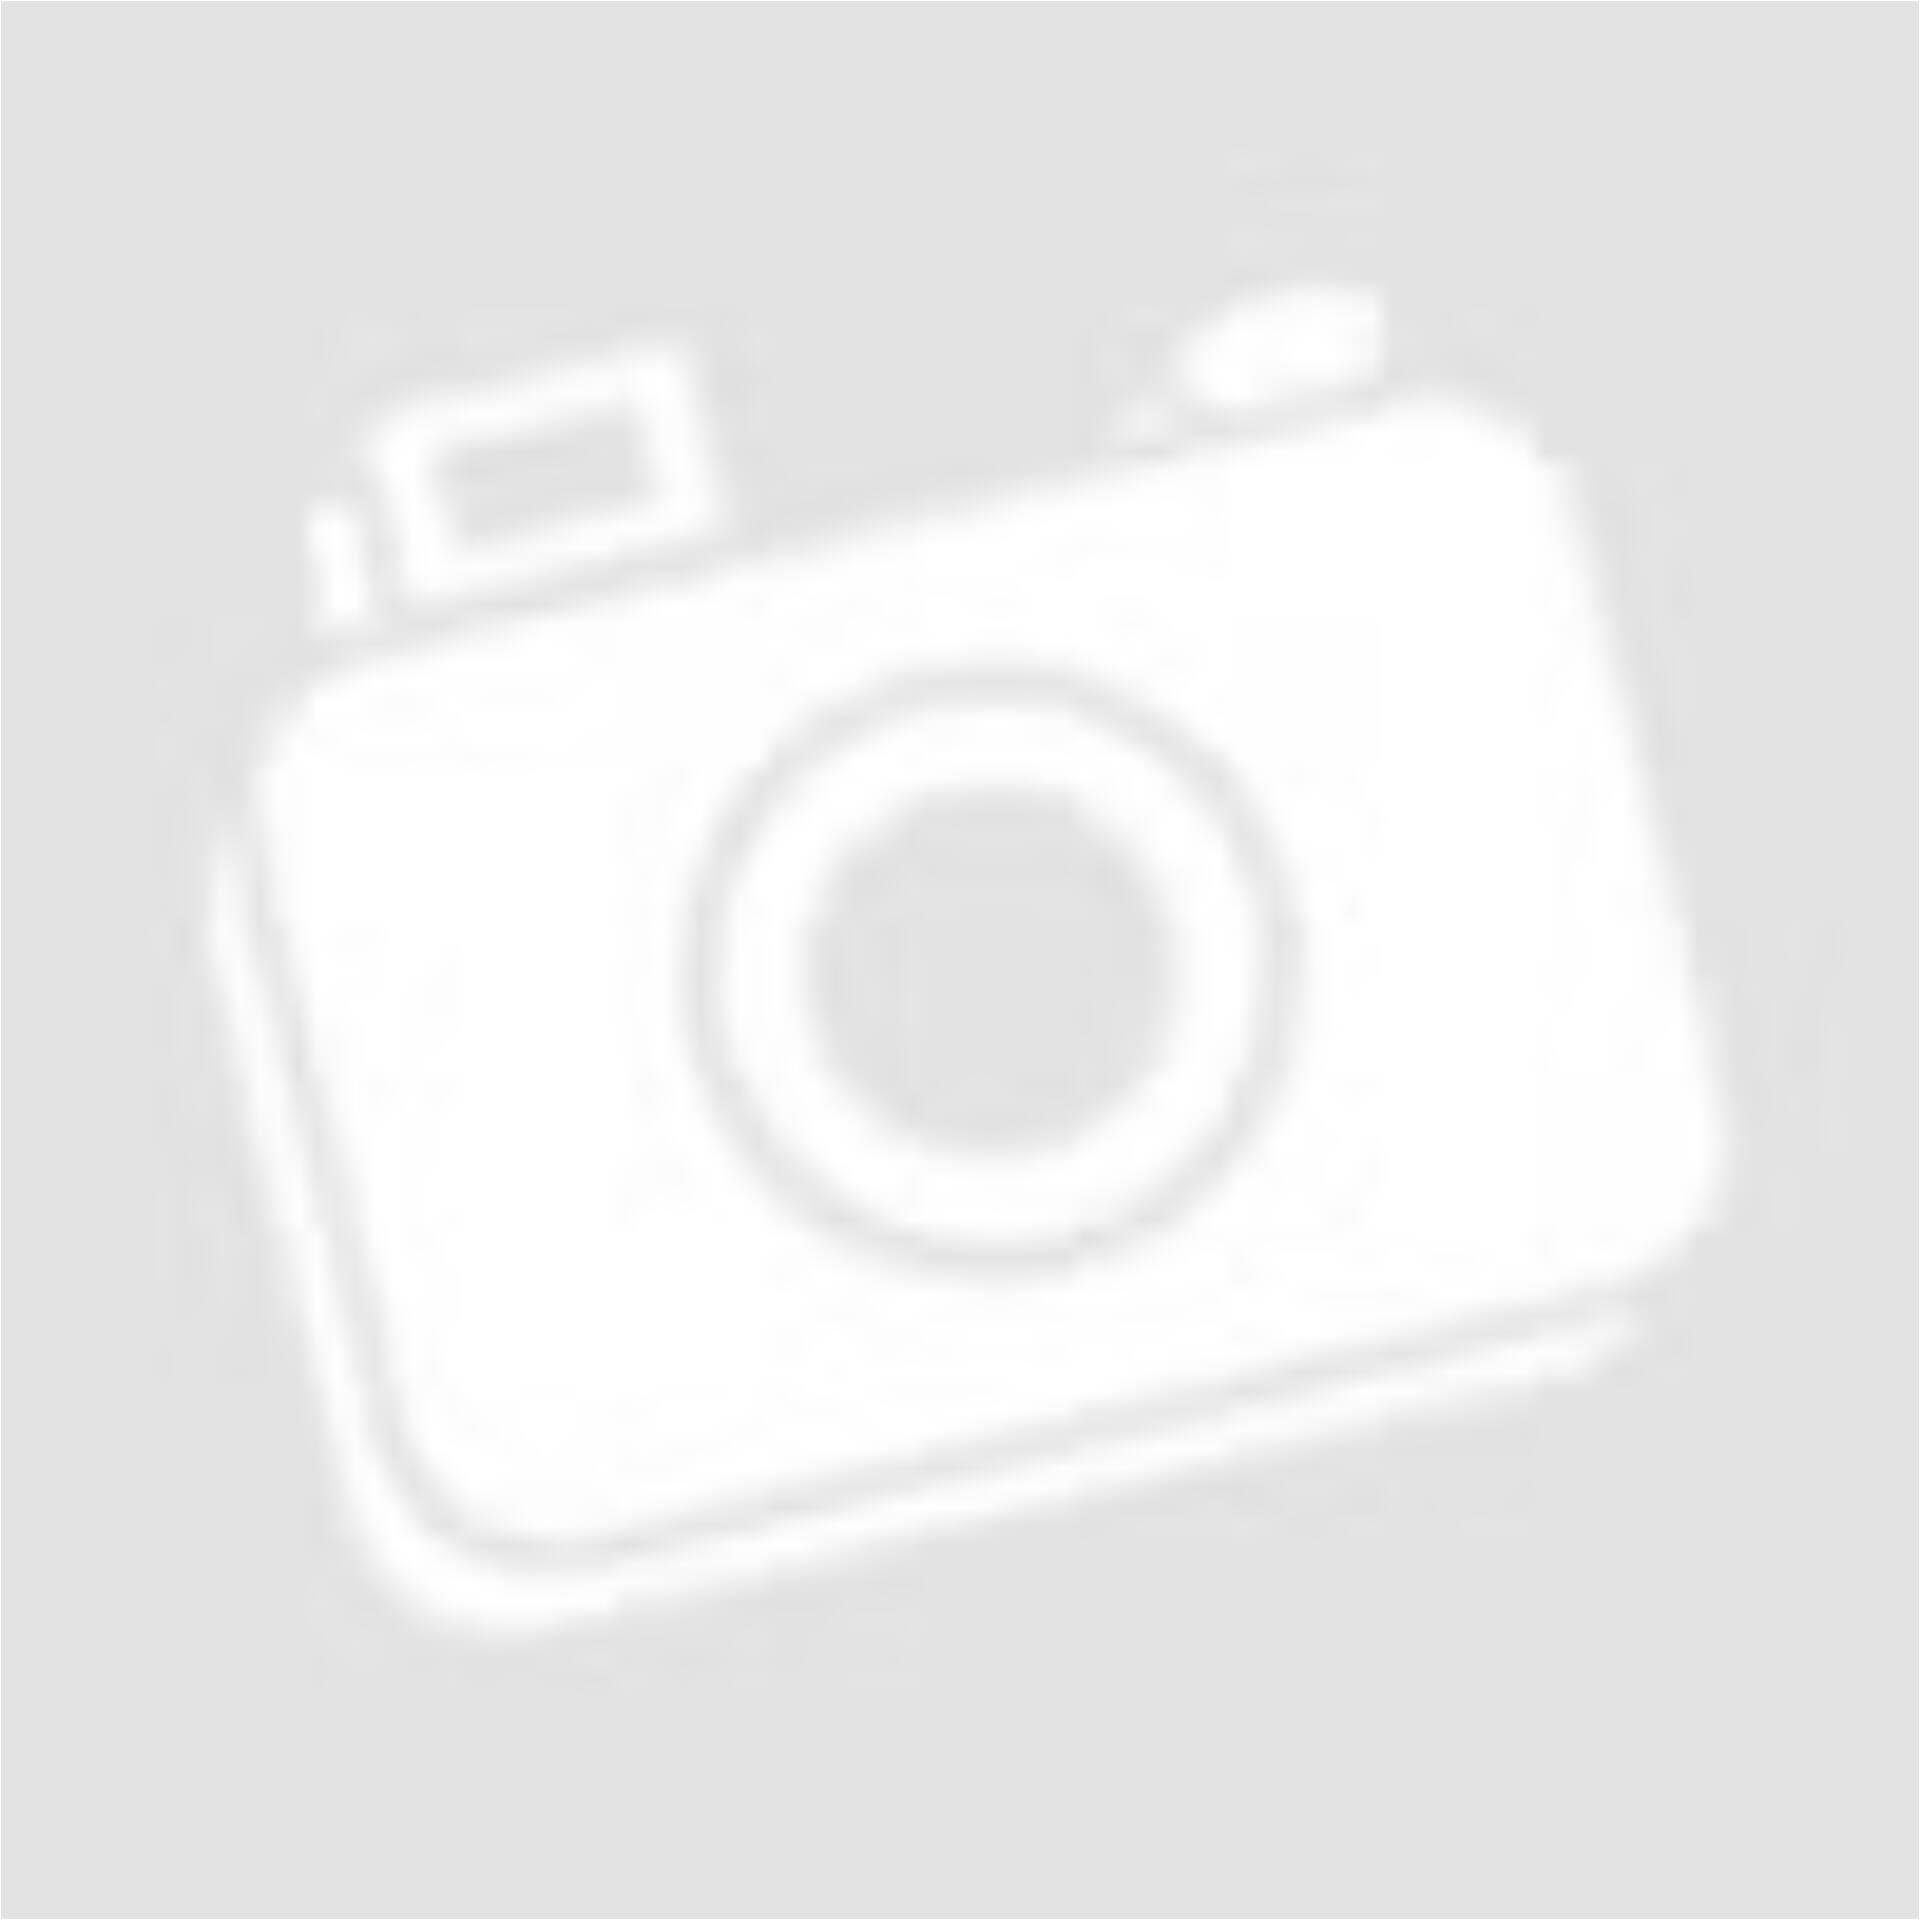 baf6bdae88 TREND ONE fekete színű szőrmés kardigán(Méret: L) - Női pulóver ...